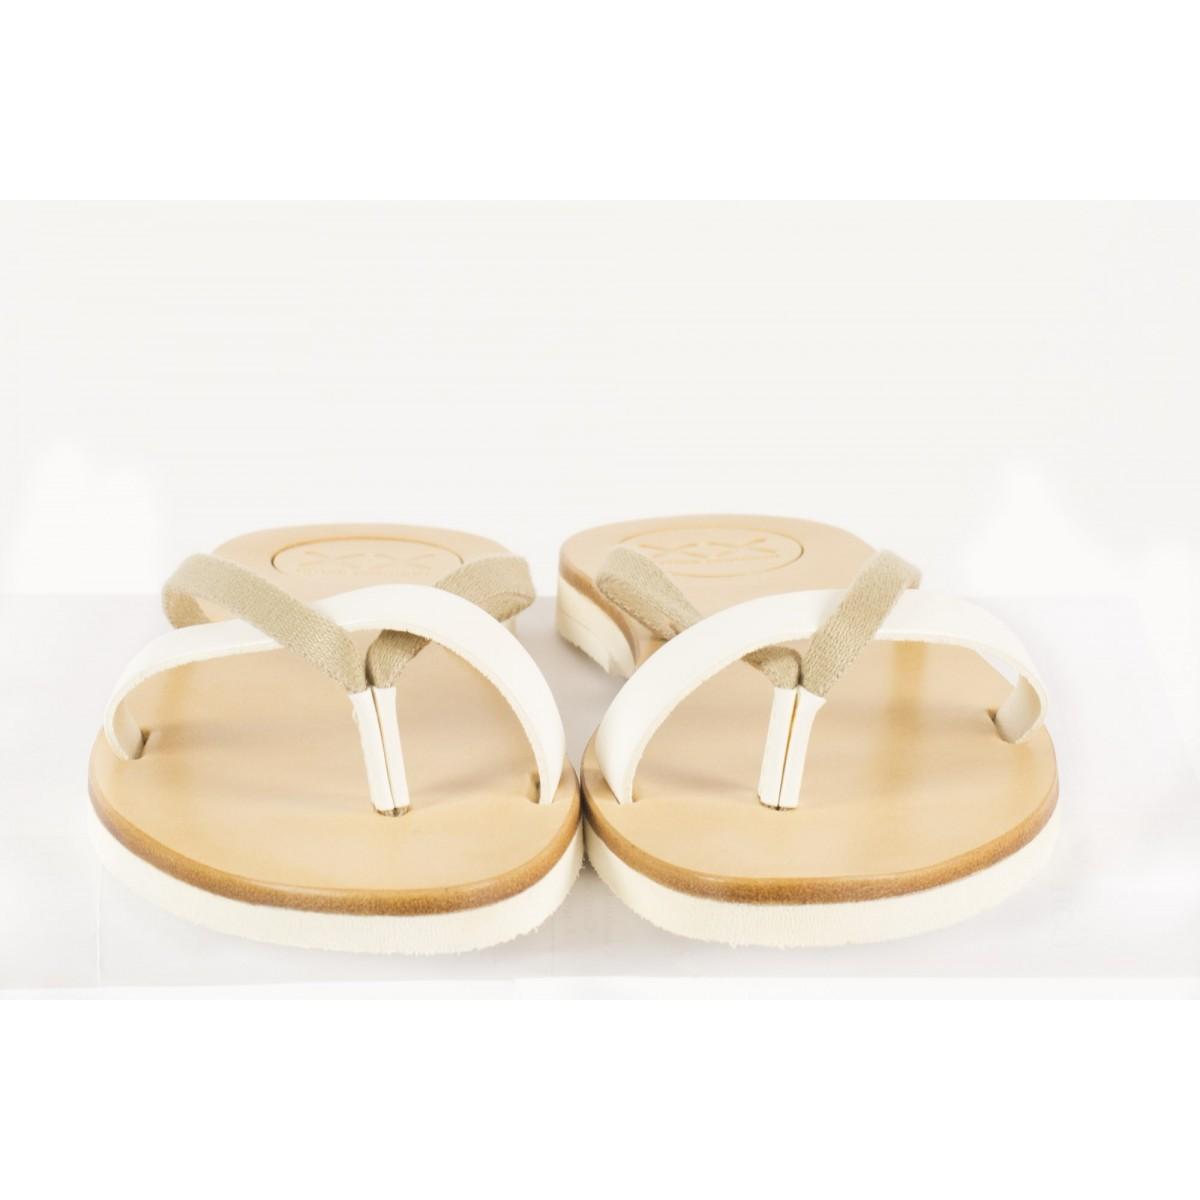 Sandalo Xx cross concept - S01 tutti frutti infradito donna White